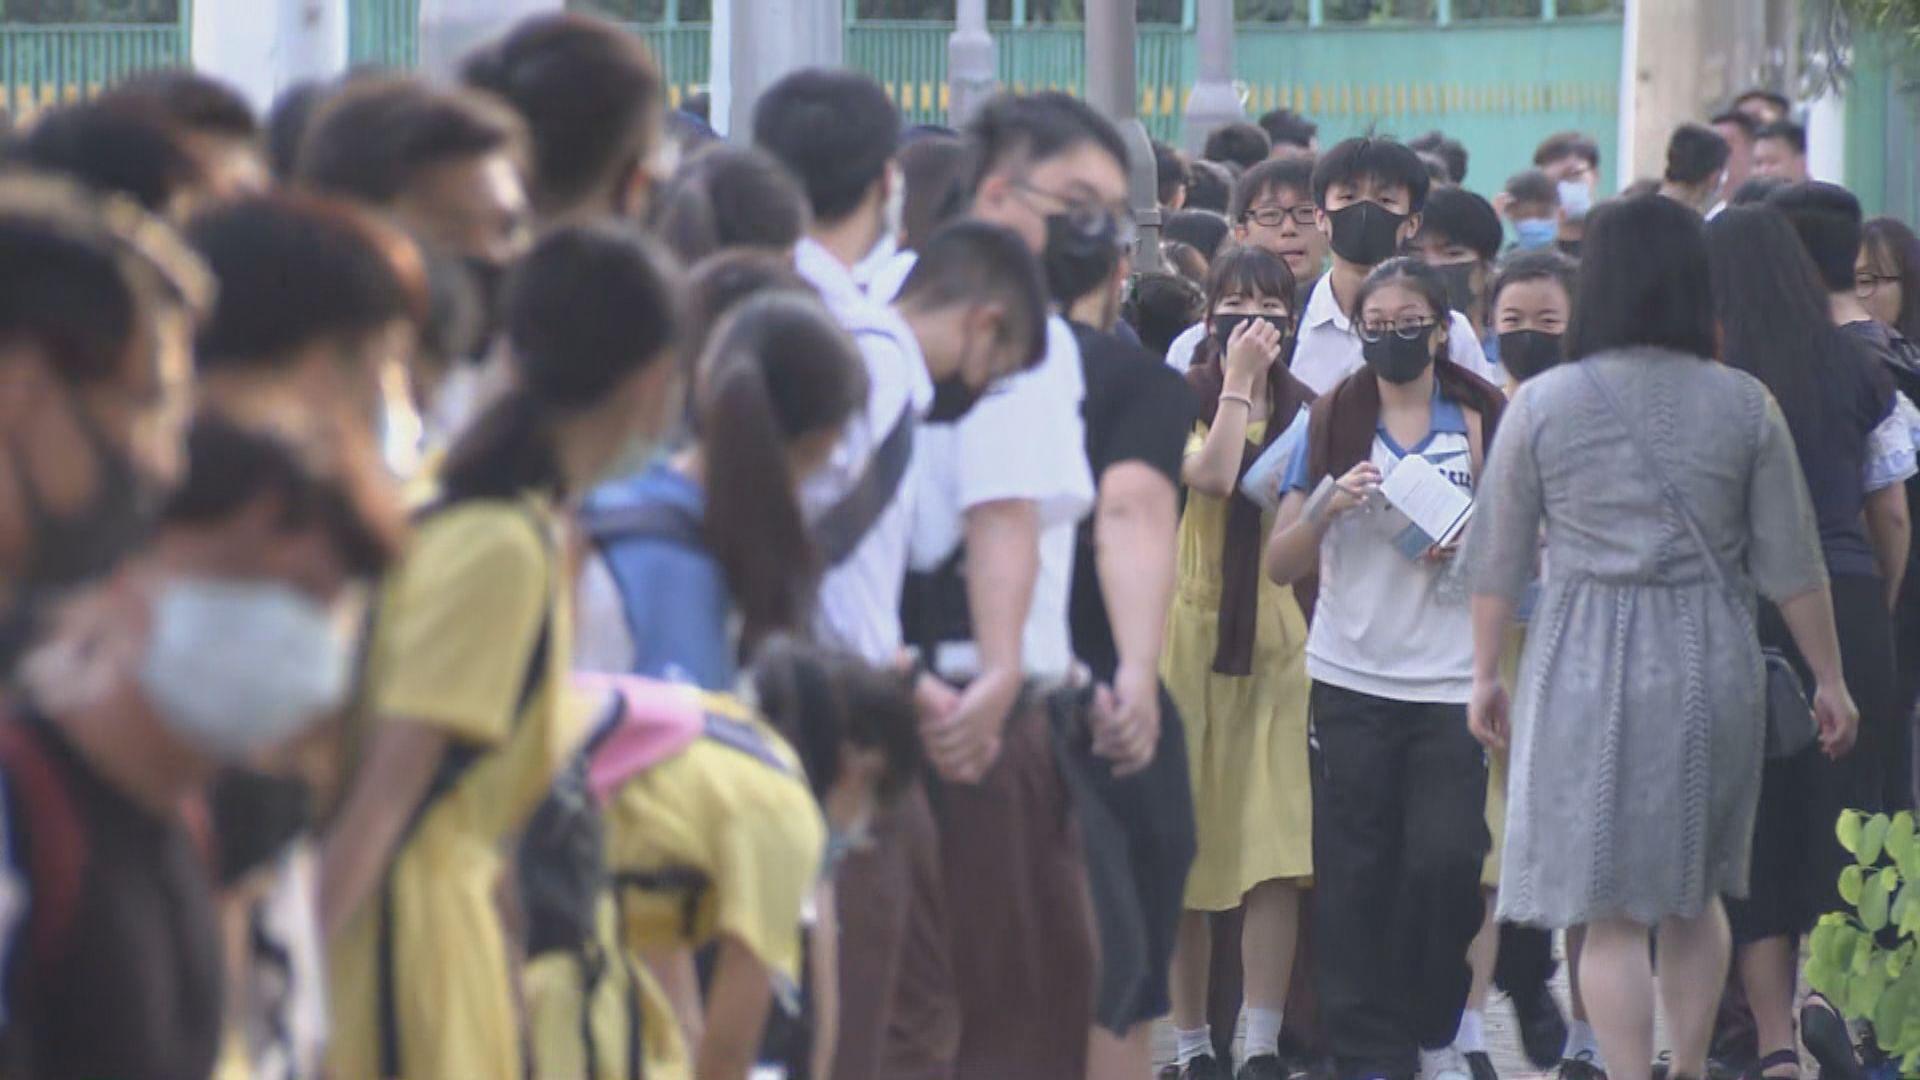 教育局要求中學提交戴口罩人數 學生斥營造白色恐怖